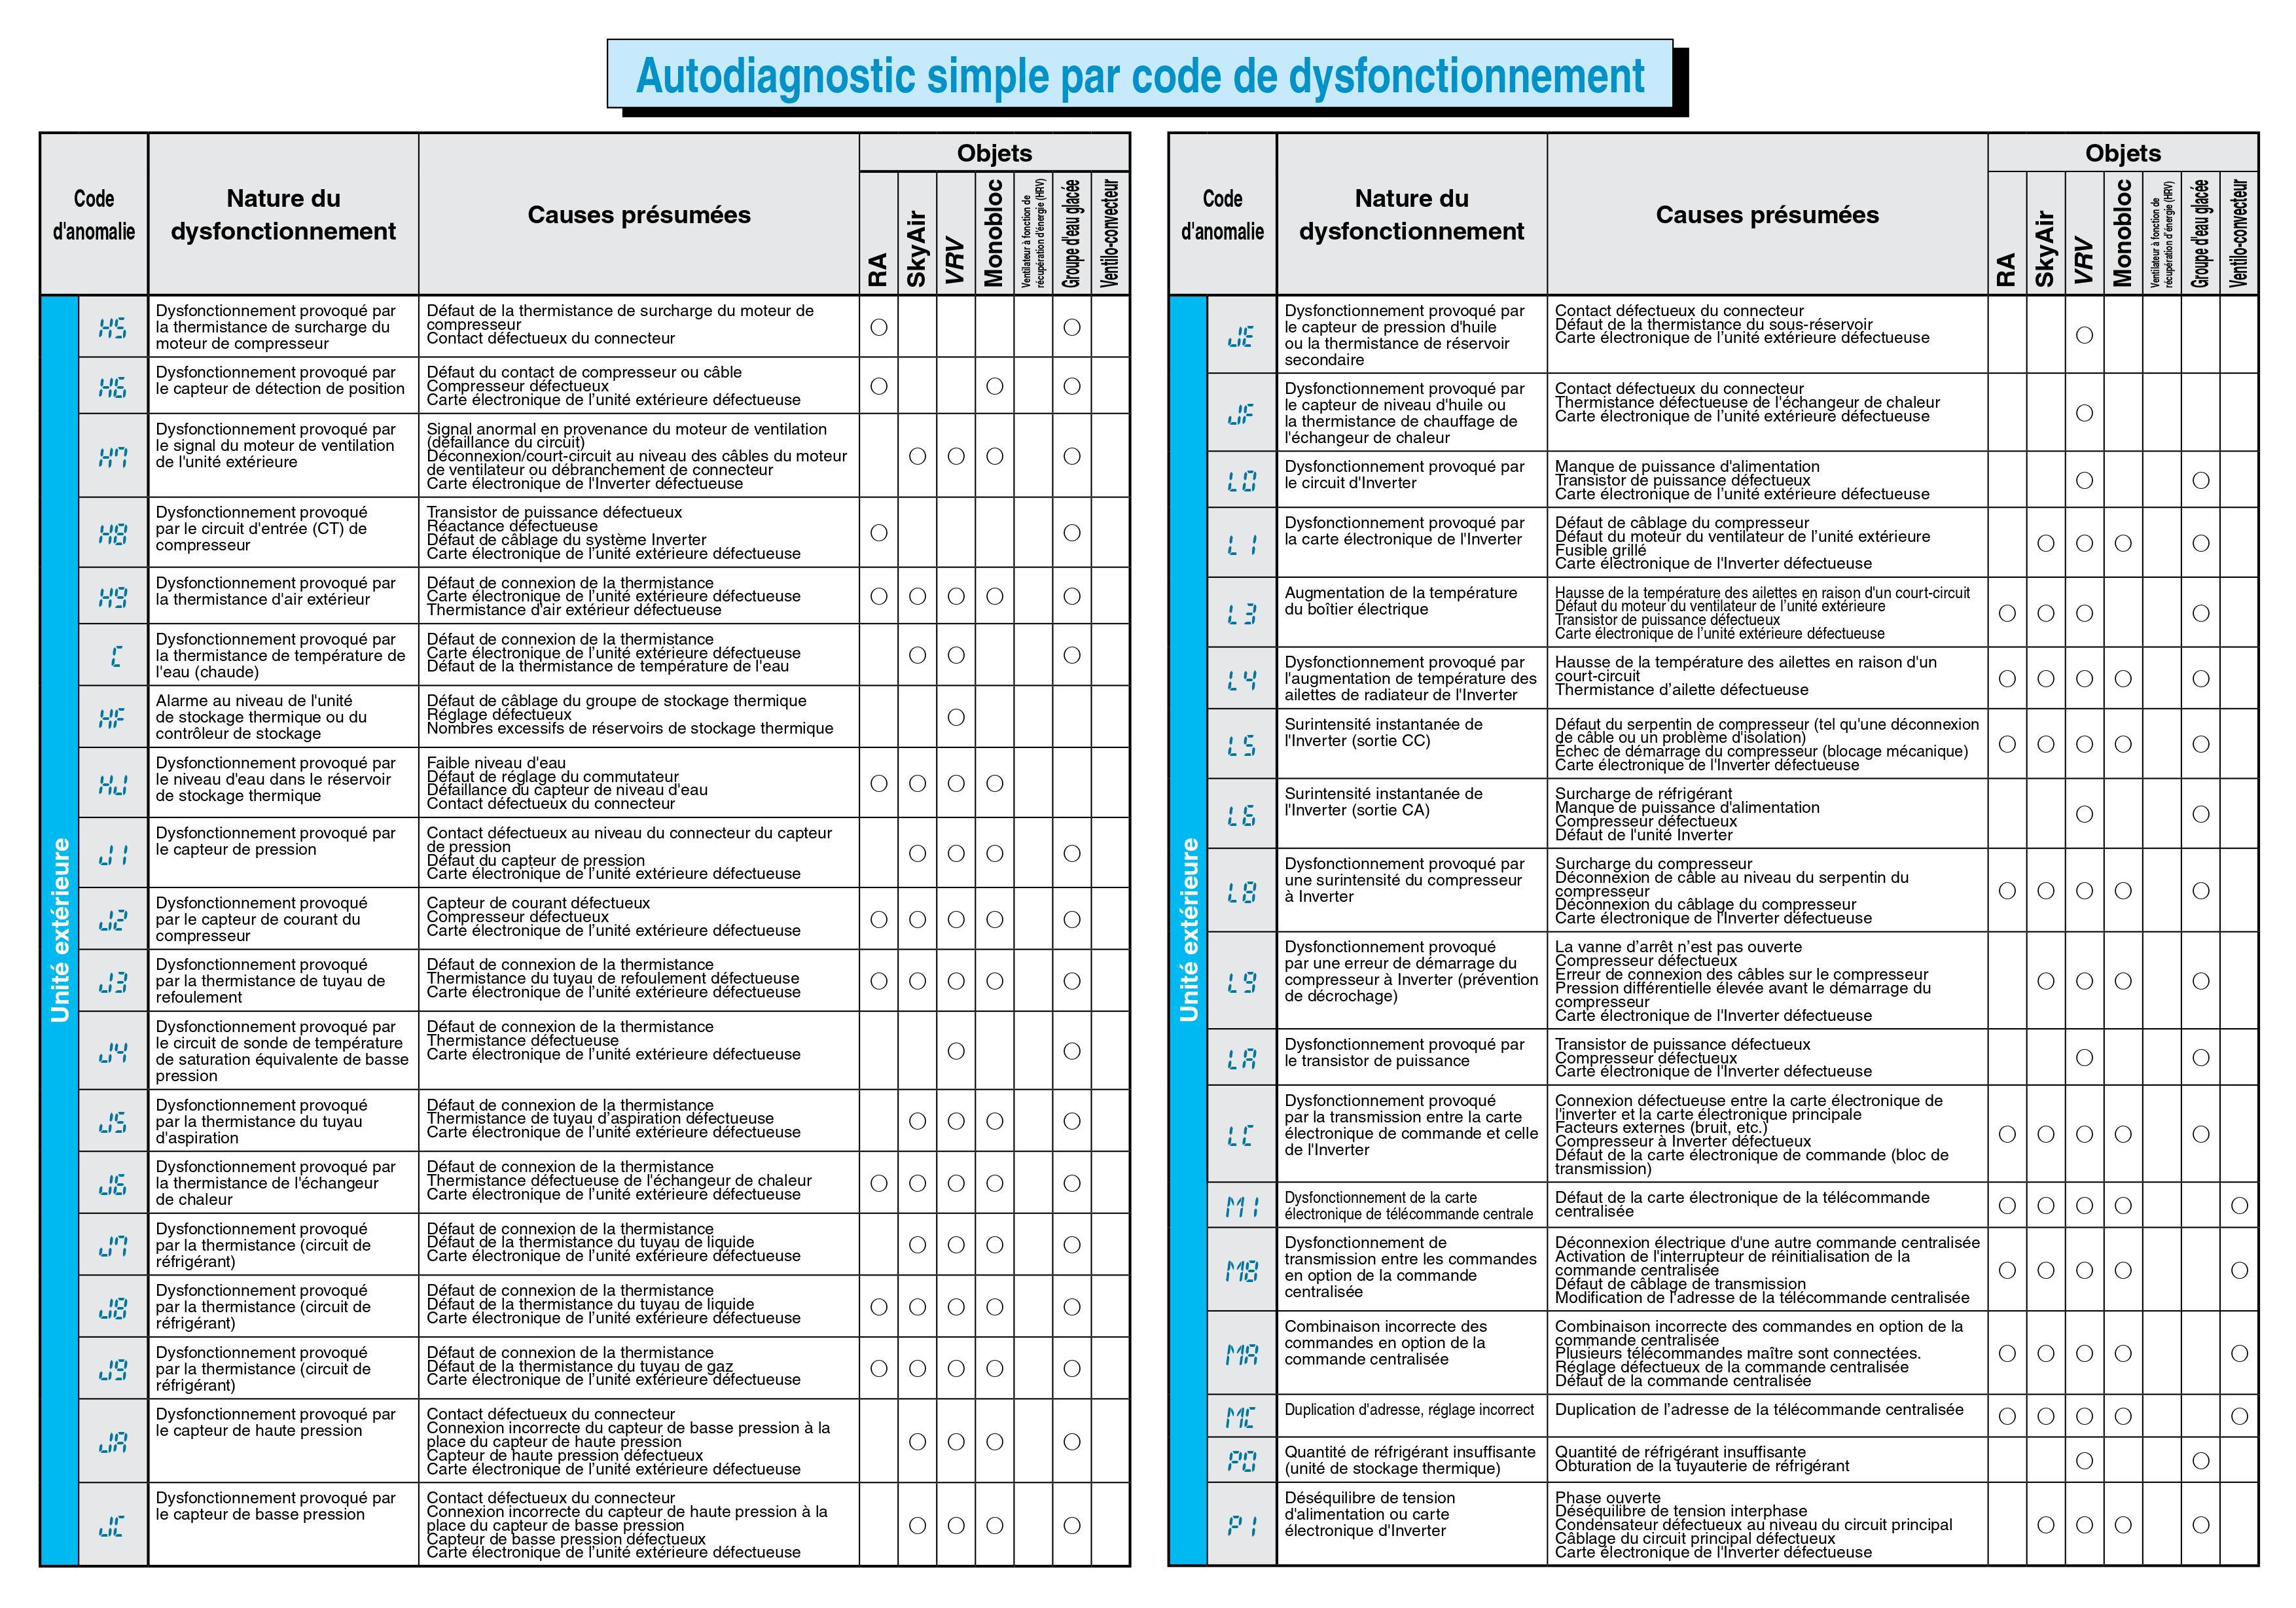 Autodiagnostic simple par code